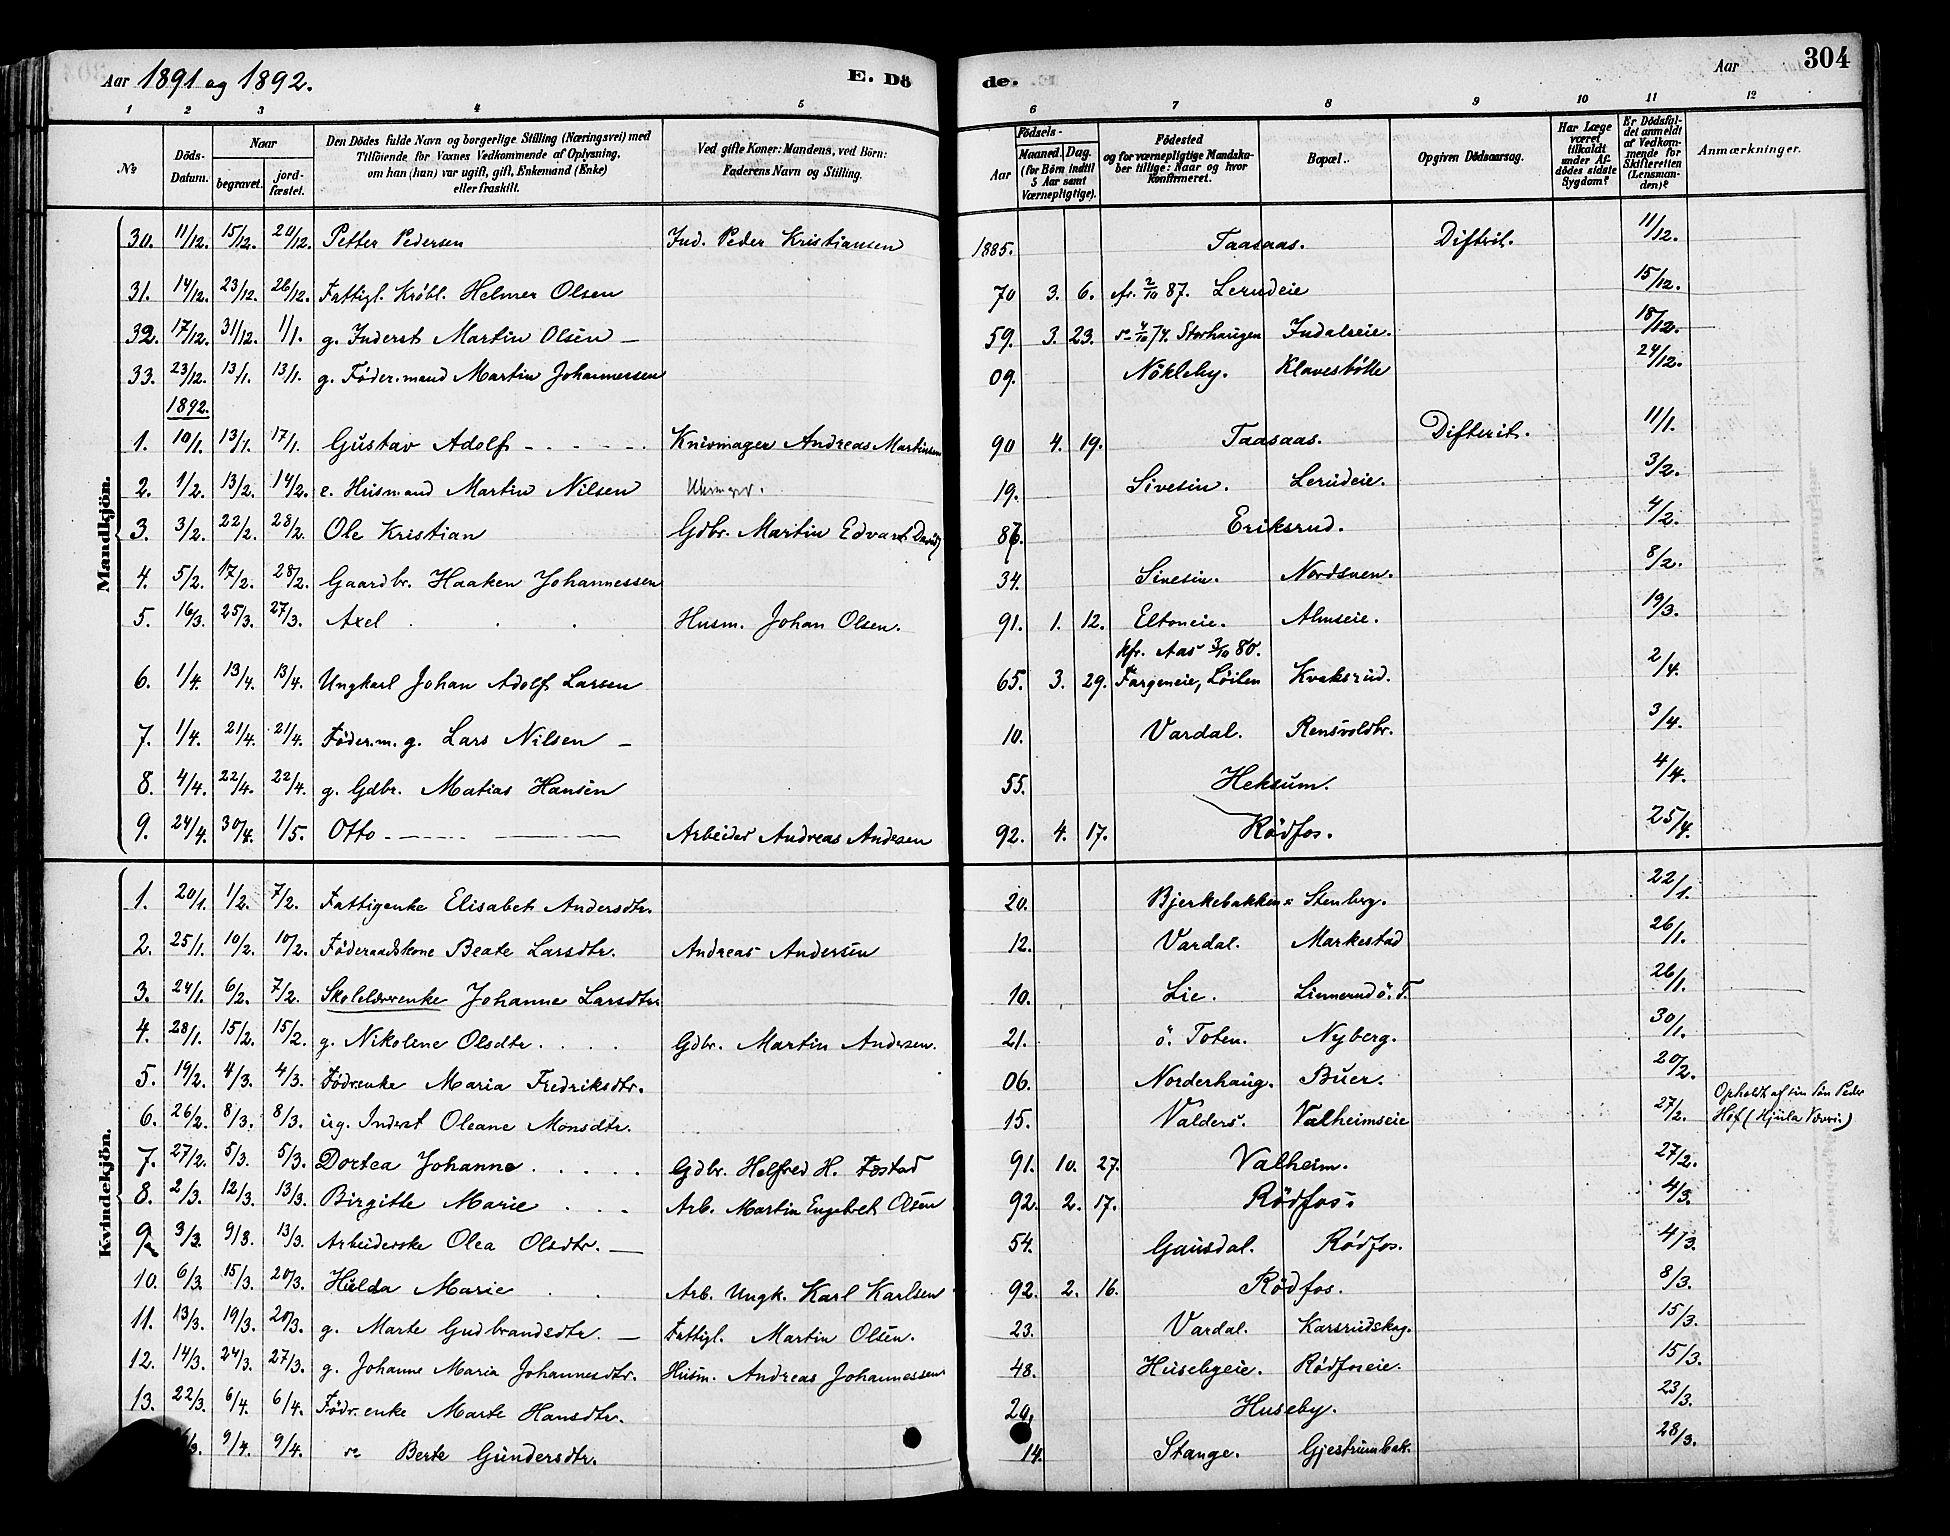 SAH, Vestre Toten prestekontor, Ministerialbok nr. 9, 1878-1894, s. 304